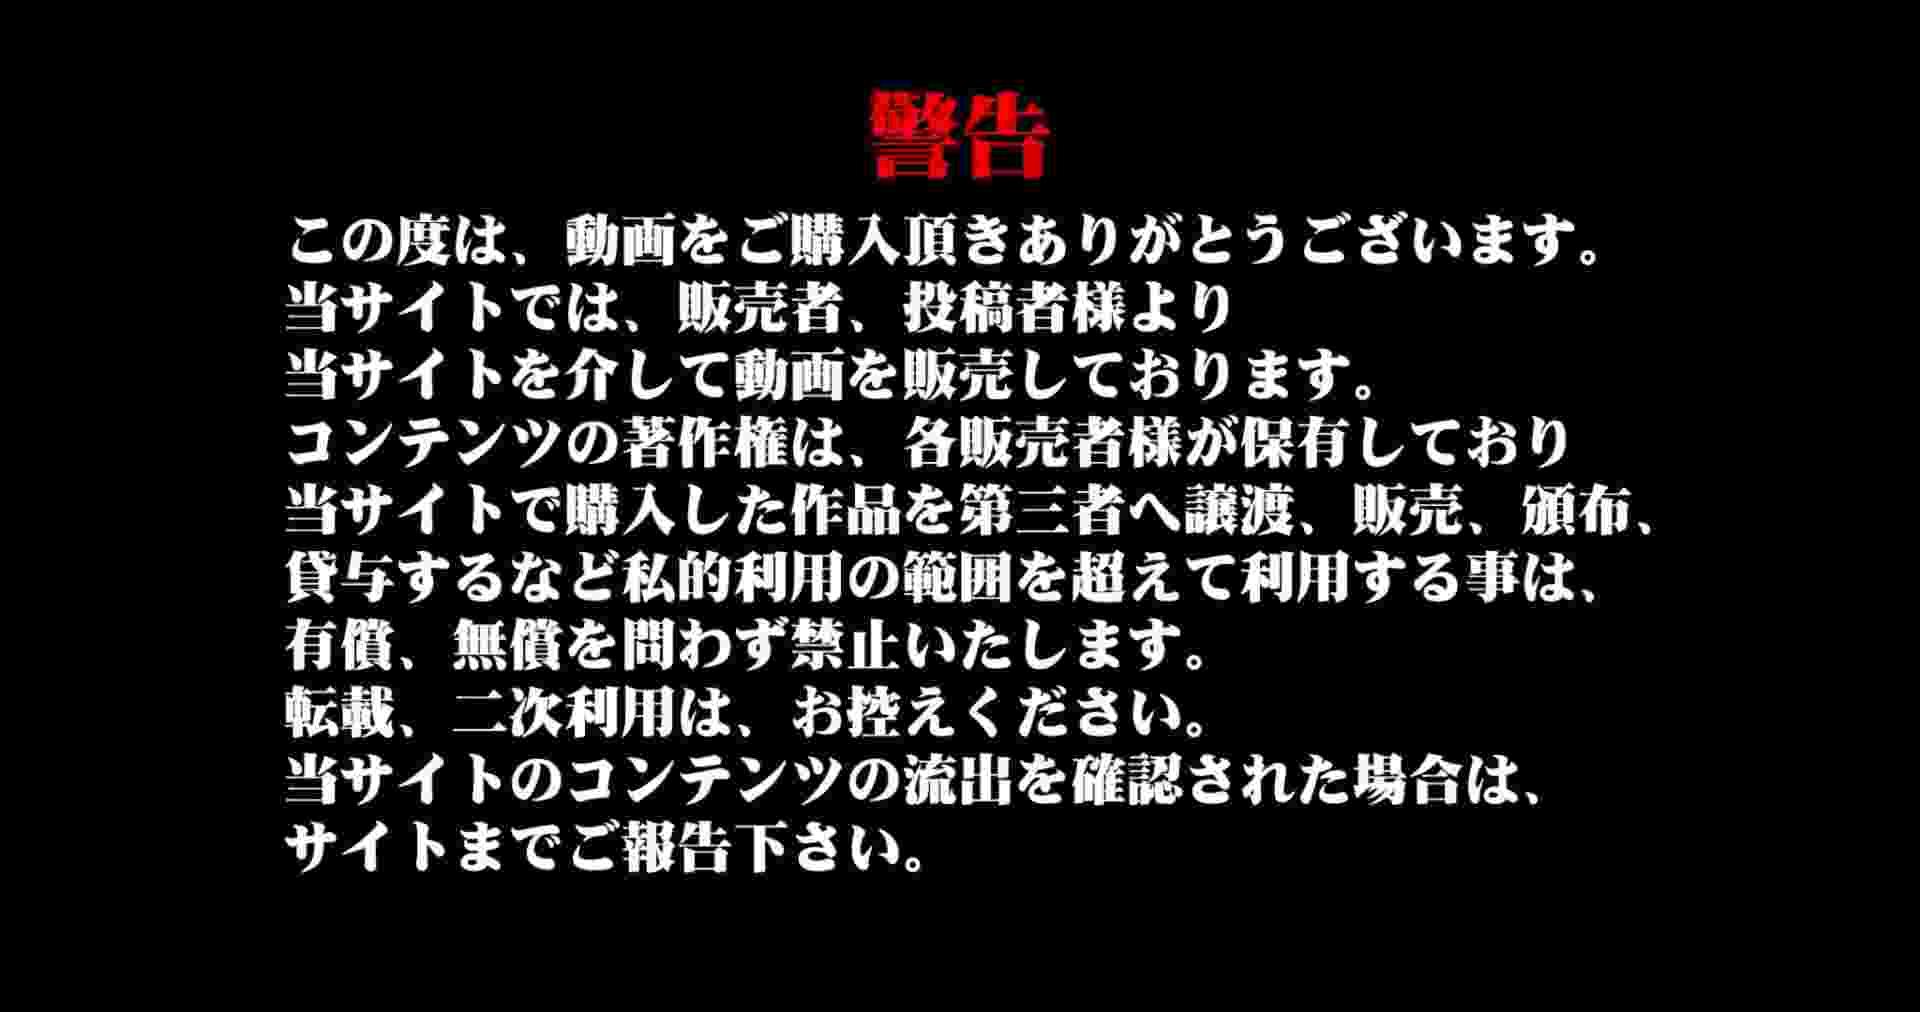 睡魔 シュウライ 第四六話 イタズラ  111連発 2